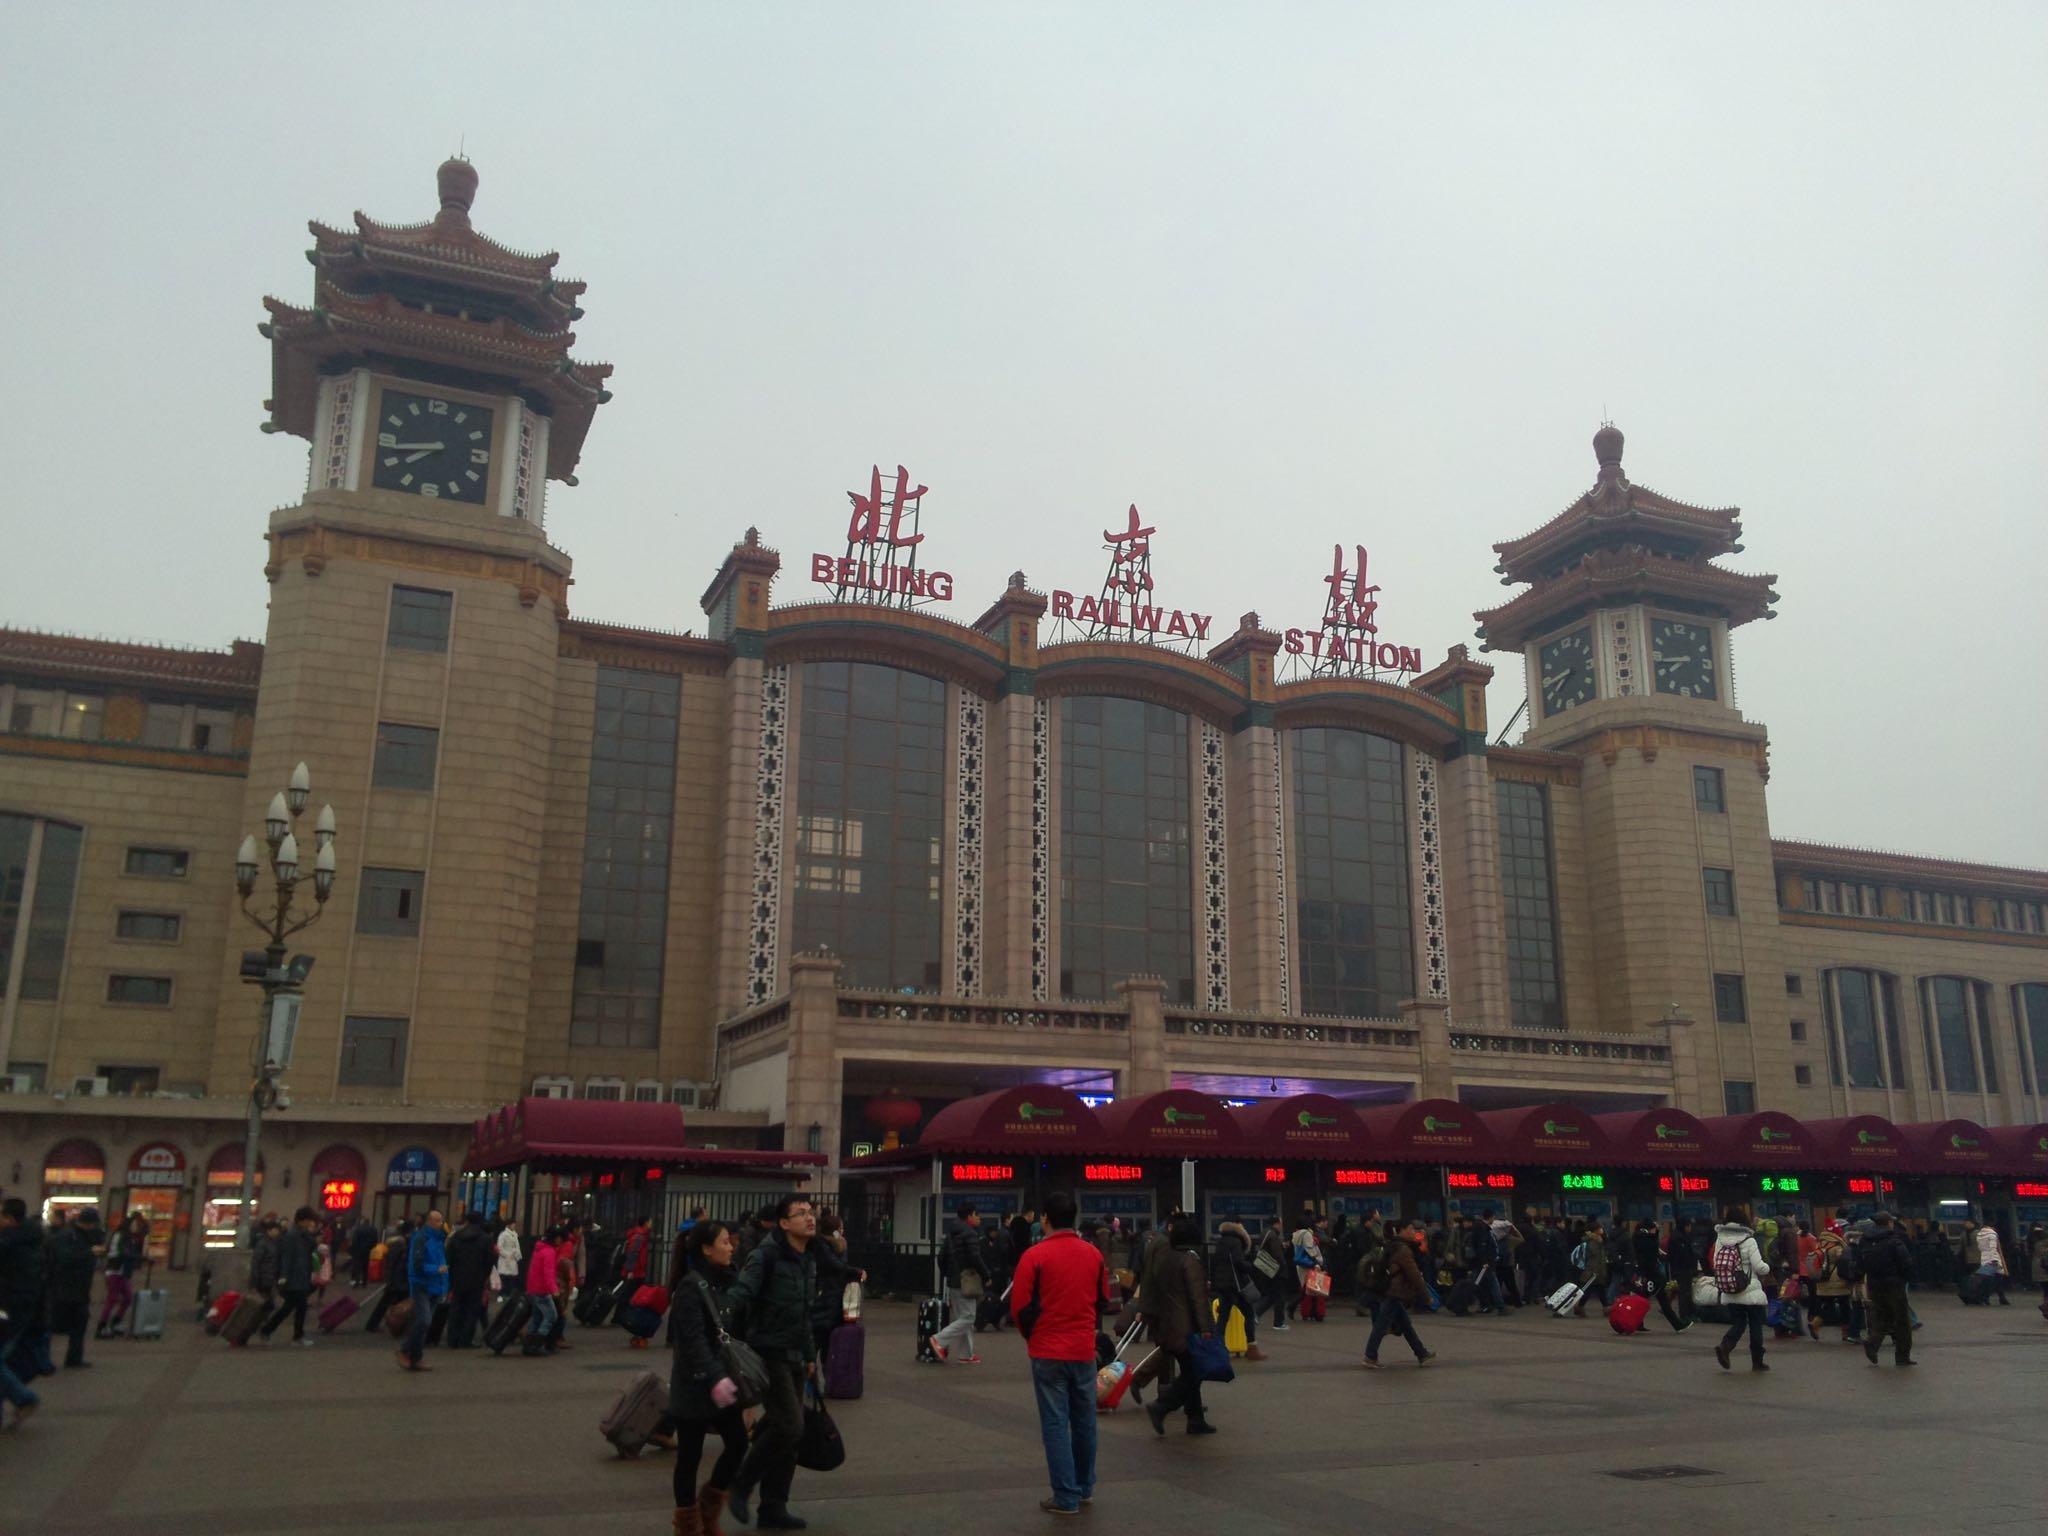 13年春节后回北京后拍的第一张照片